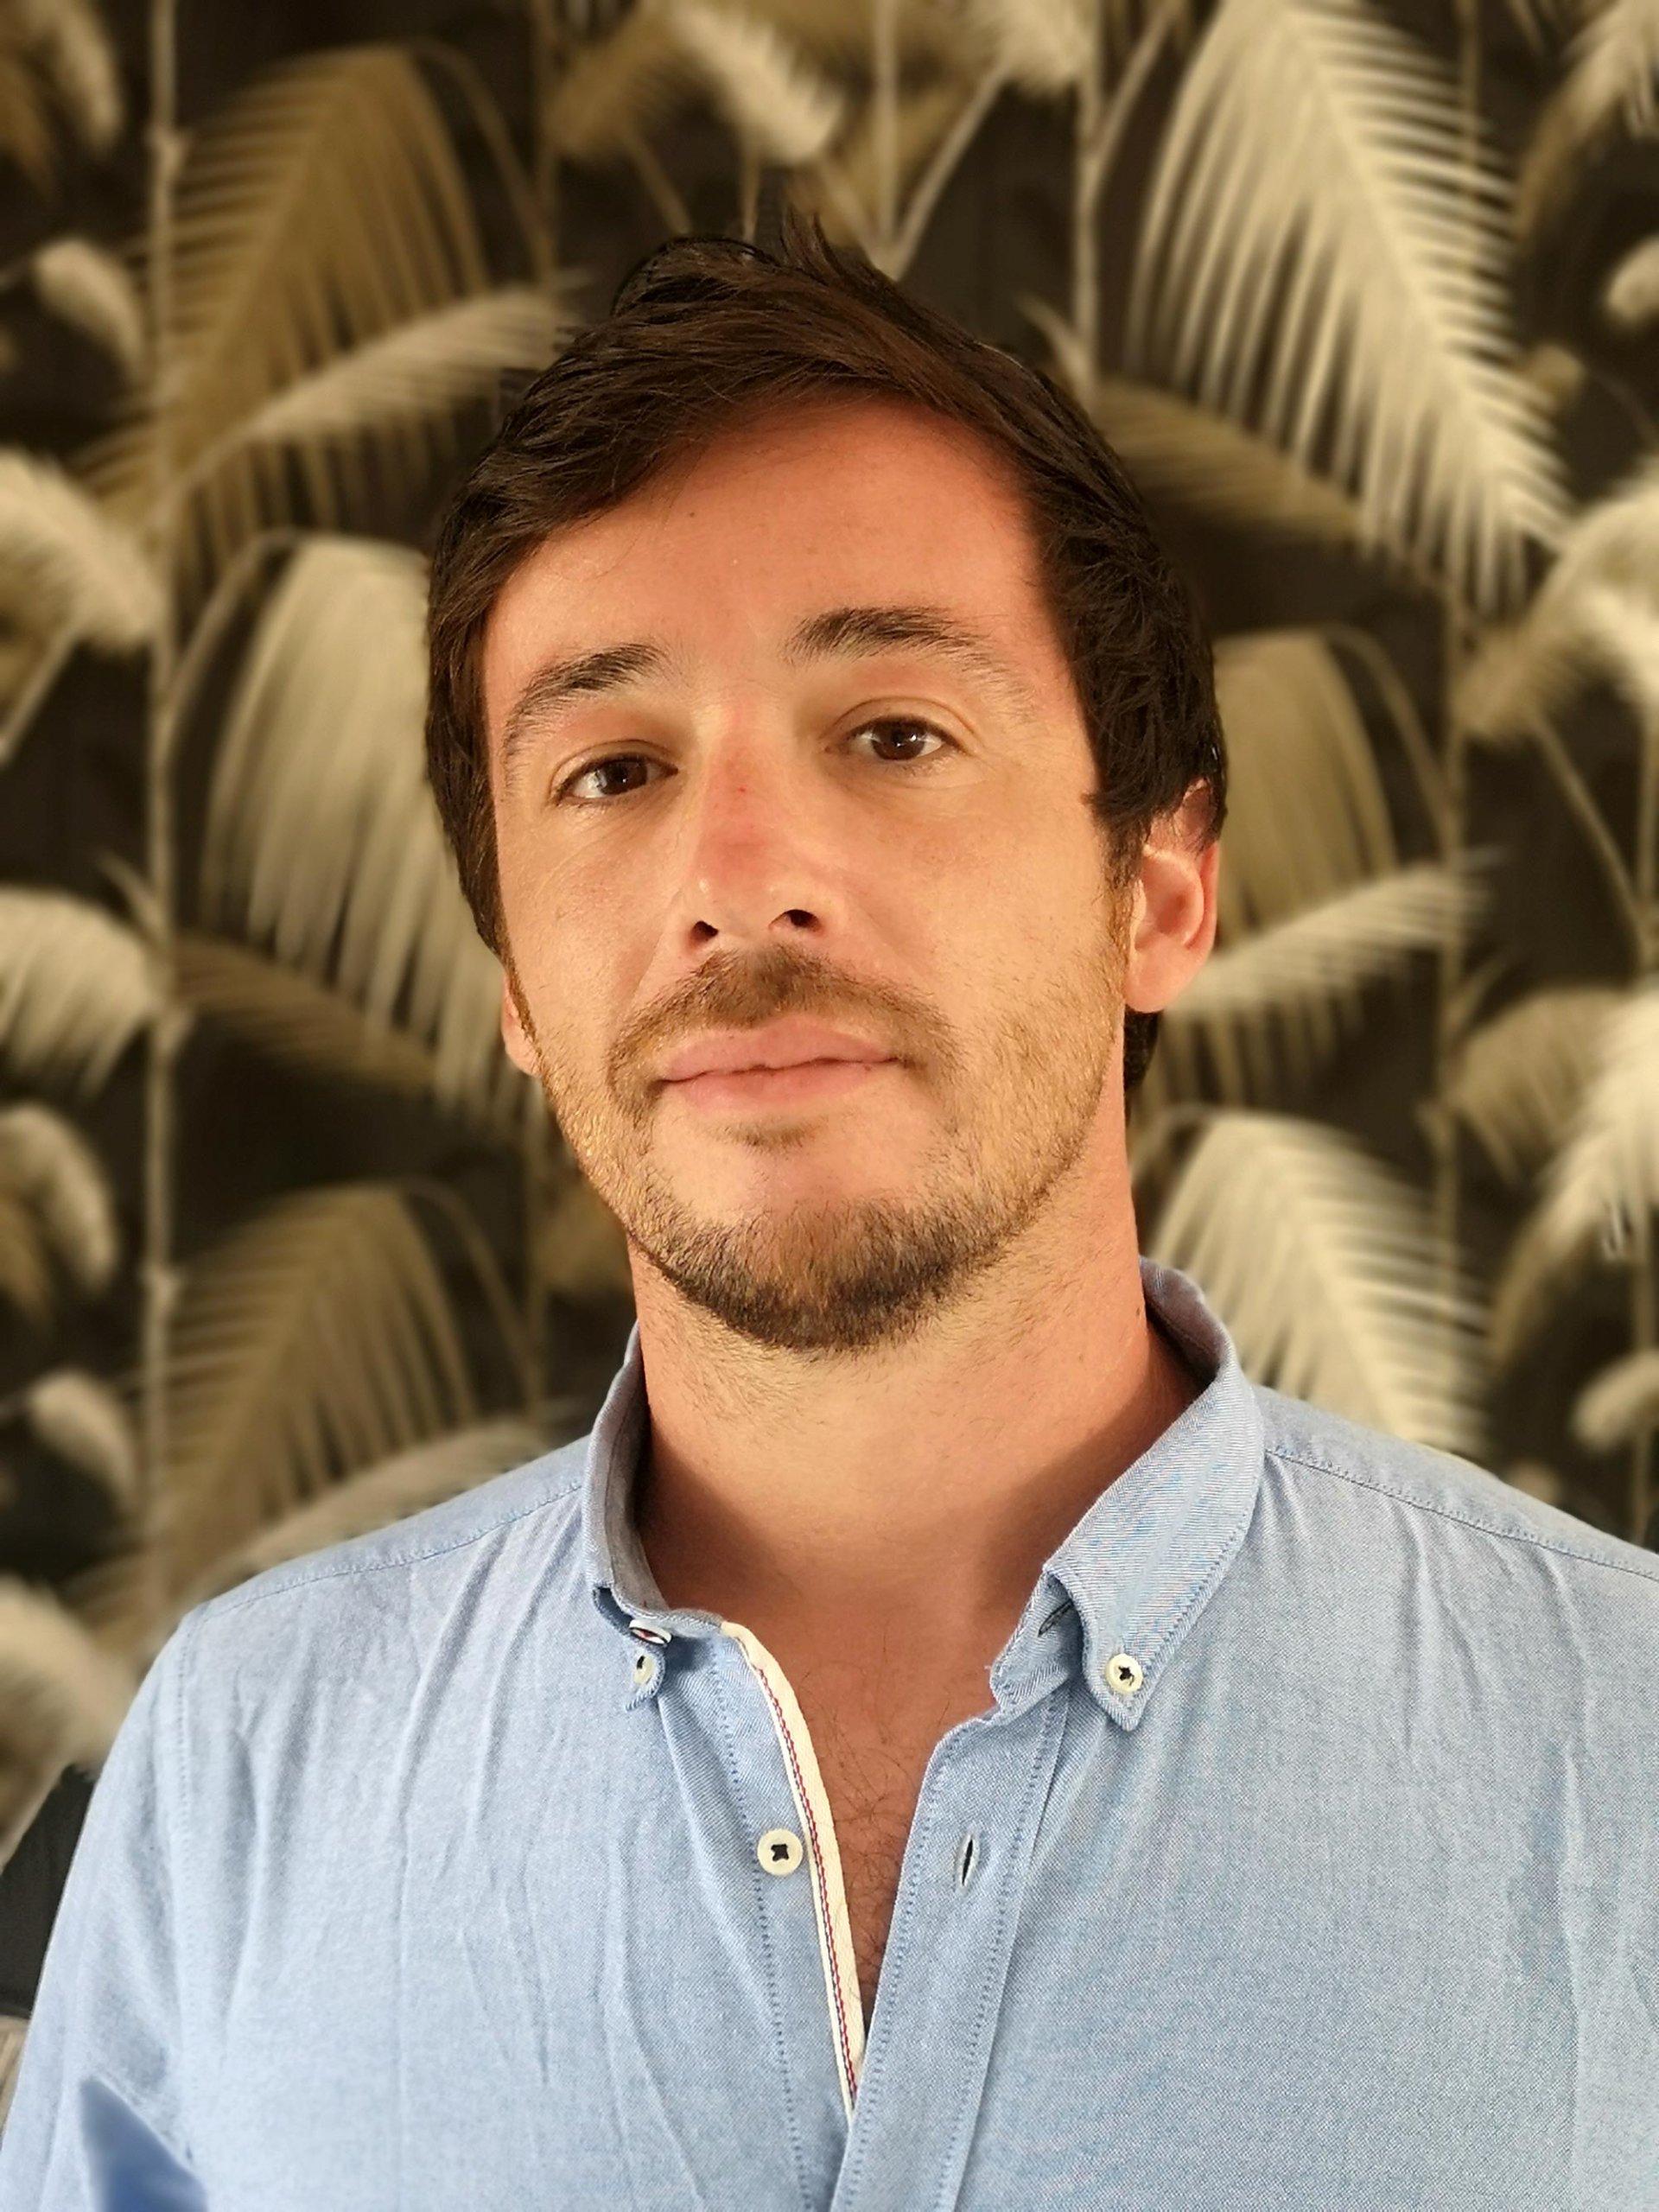 Portrait d'un homme en chemise bleu, arrière plan papier peint noir avec motifs feuilles exotiques dorées